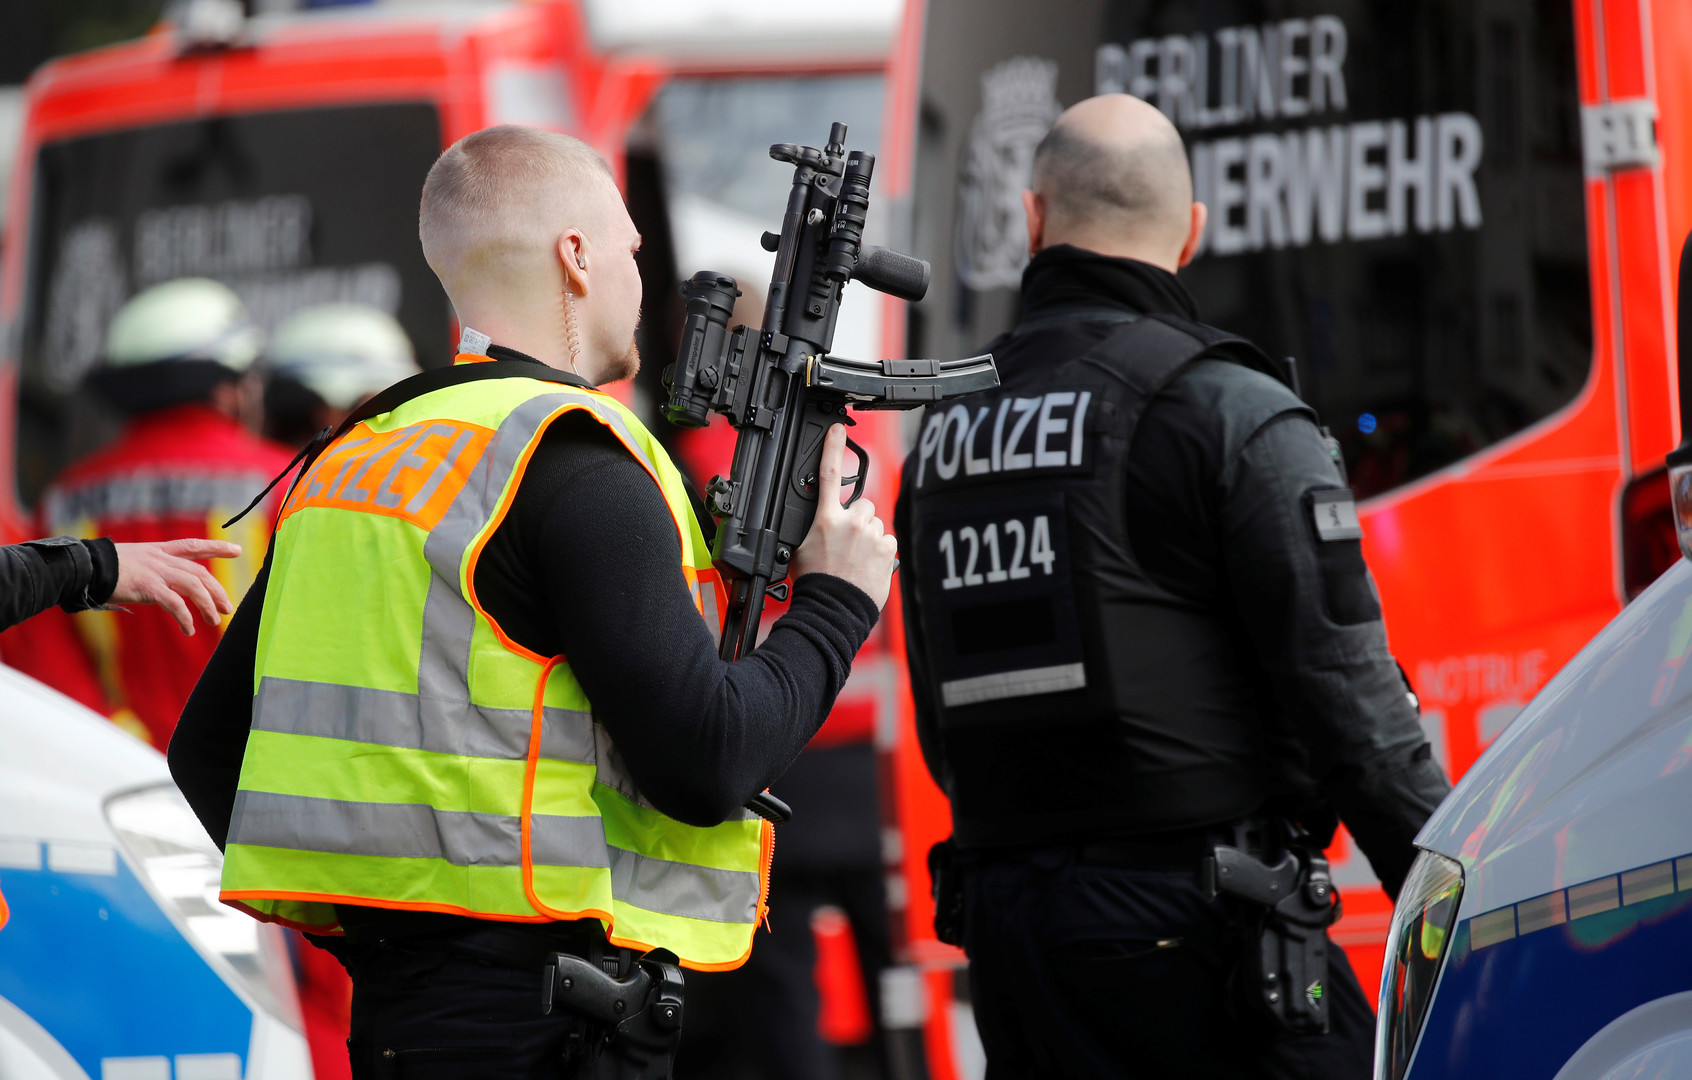 ألمانيا.. اعتقال شخصين للاشتباه بتحضيرهما لهجوم